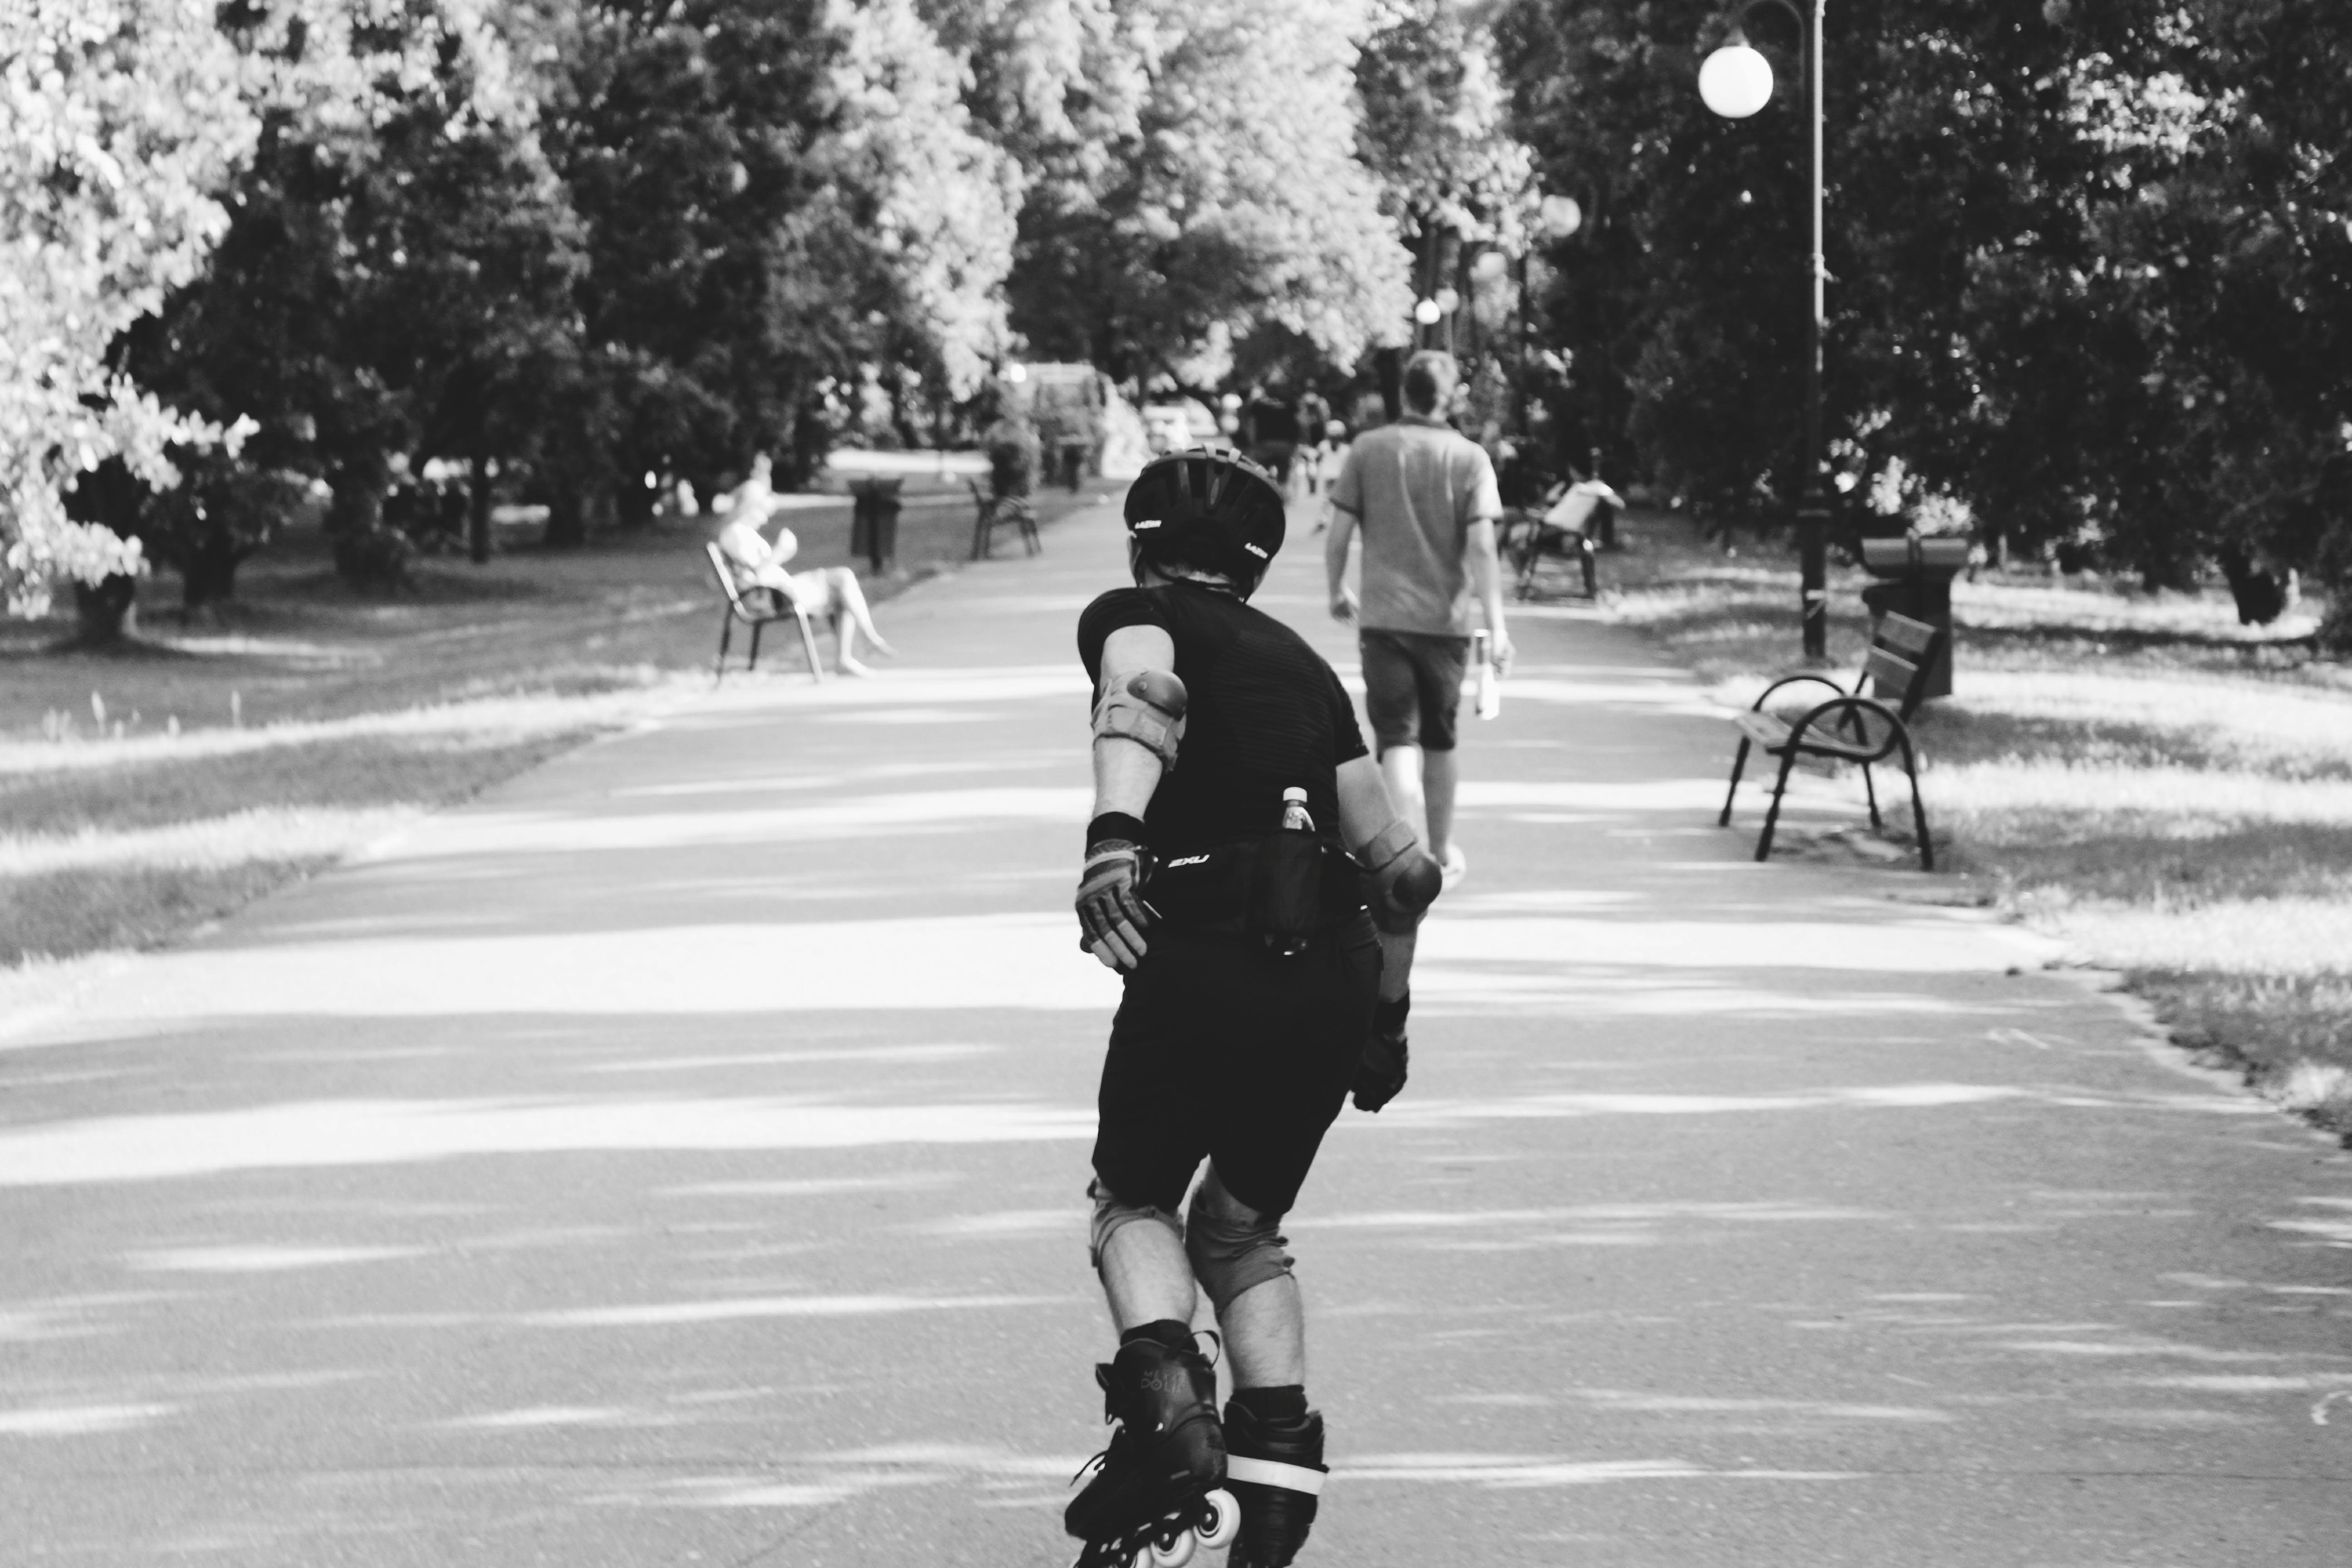 Person Skating At The Park